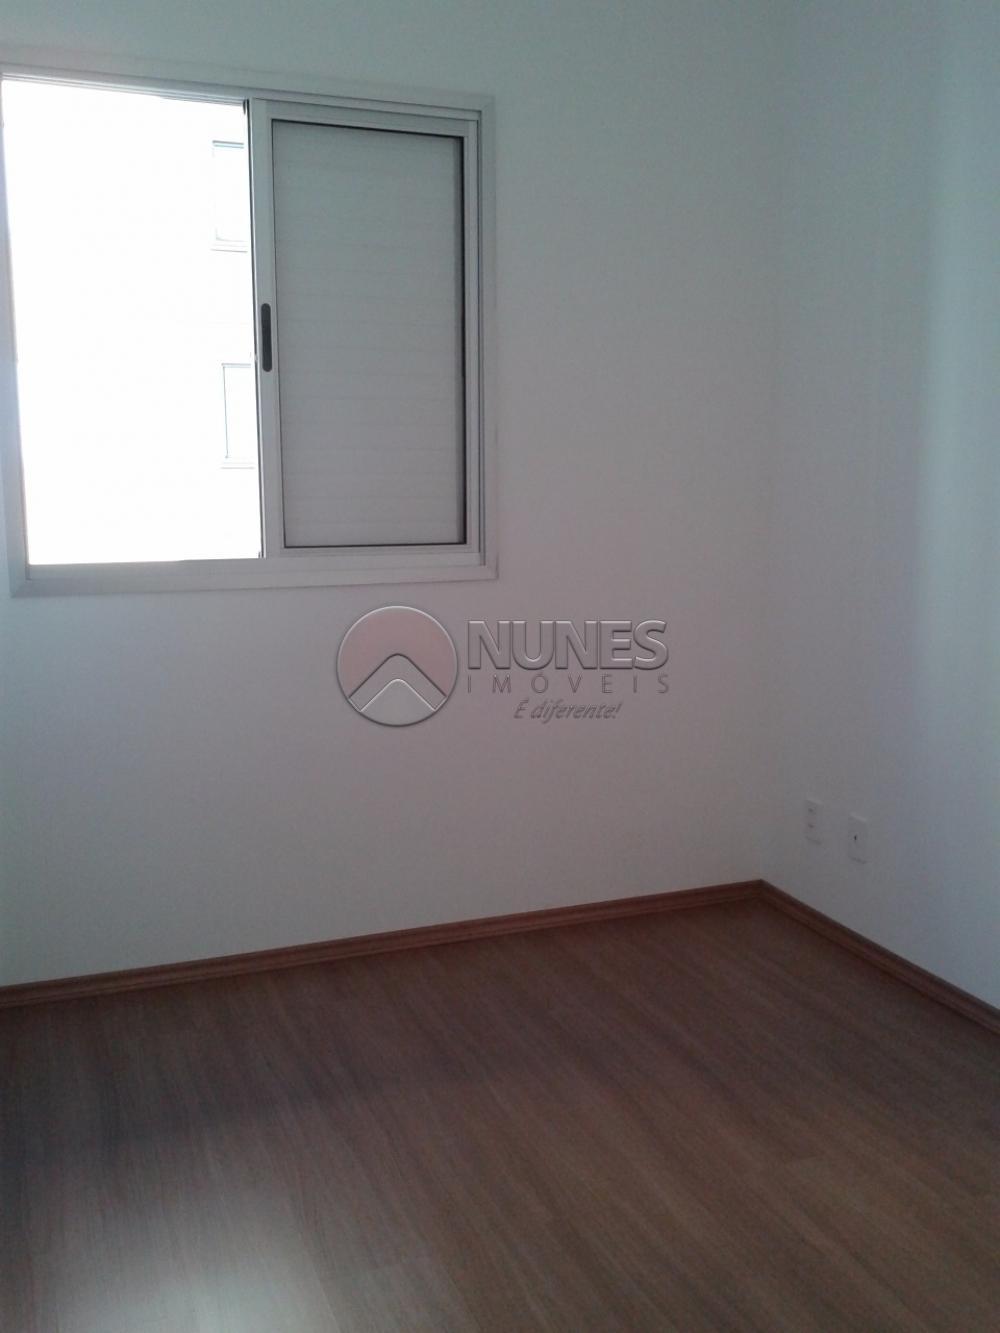 Comprar Apartamento / Padrão em São Paulo apenas R$ 300.000,00 - Foto 3